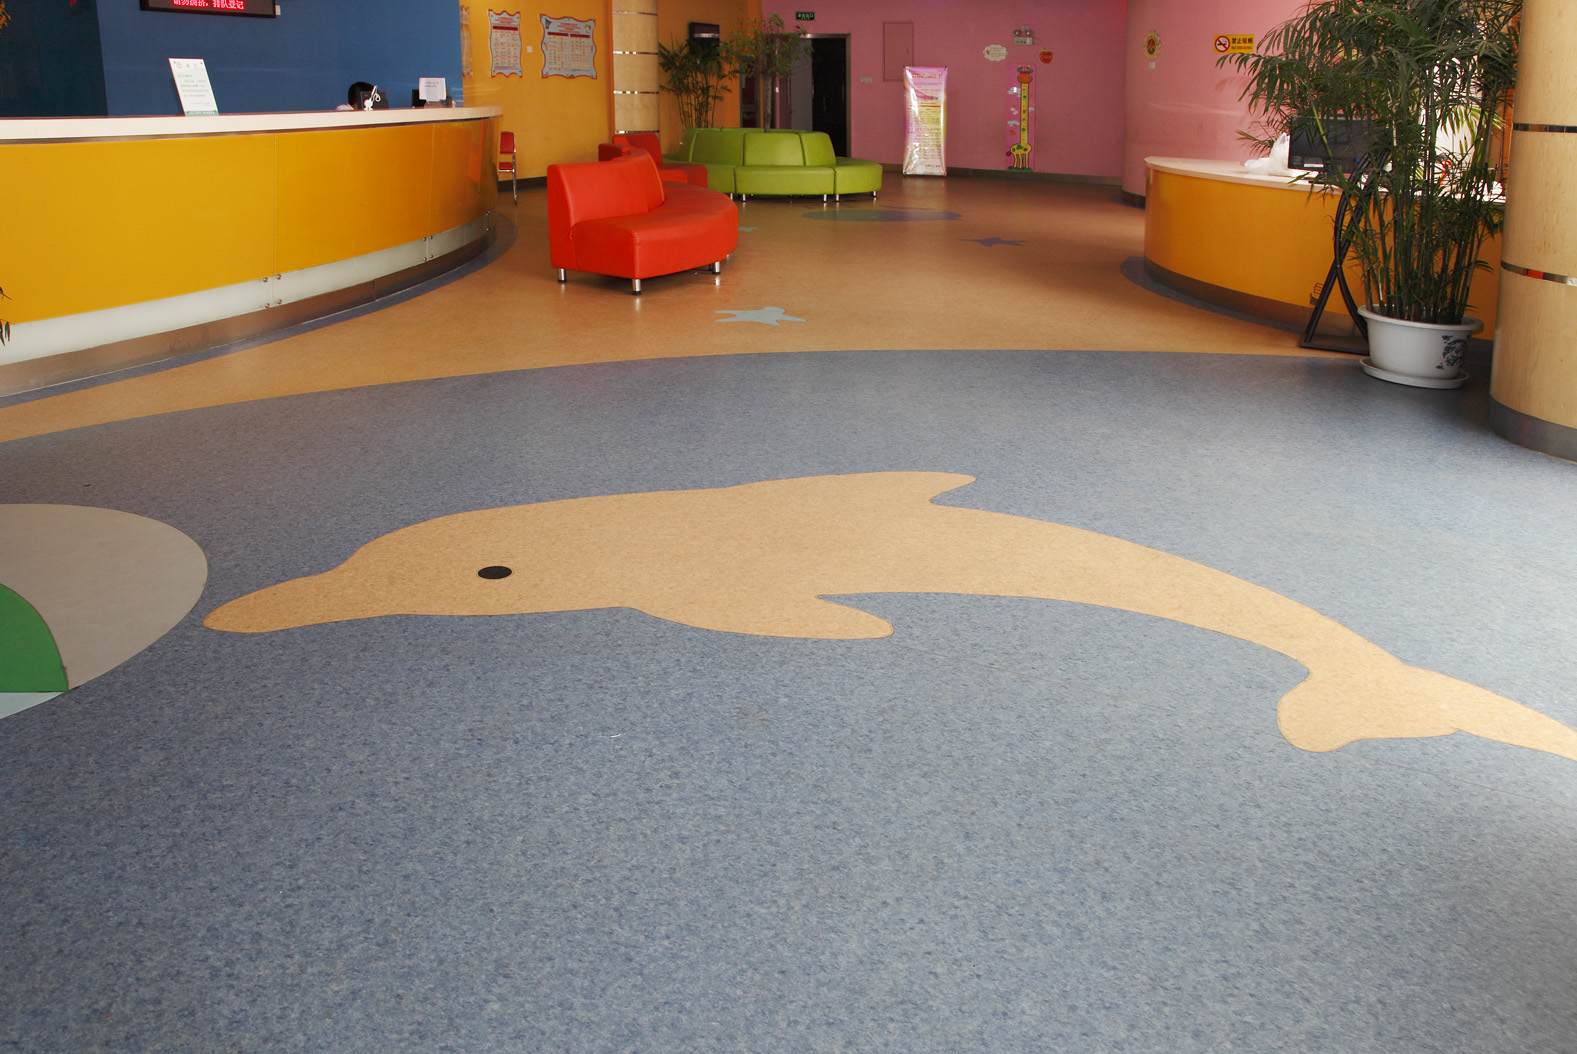 石塑地板与亚麻地板究竟有何区别?【腾方PVC地板】